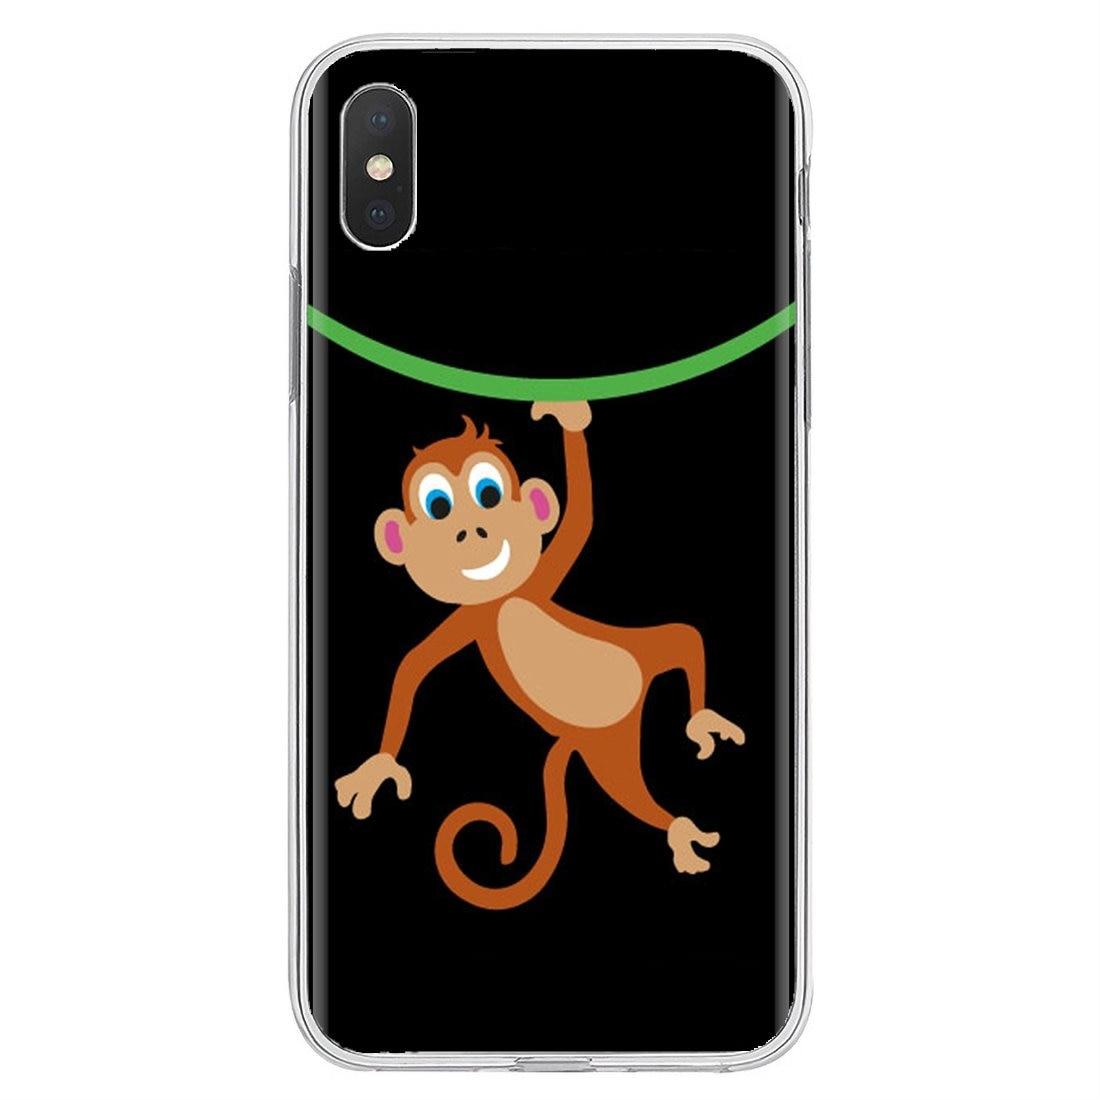 Amazing Monkey Cartoon Customised Silicone Phone Case For Huawei G7 G8 P7 P8 P9 P10 P20 P30 Lite Mini Pro P Smart 2017 2018 2019